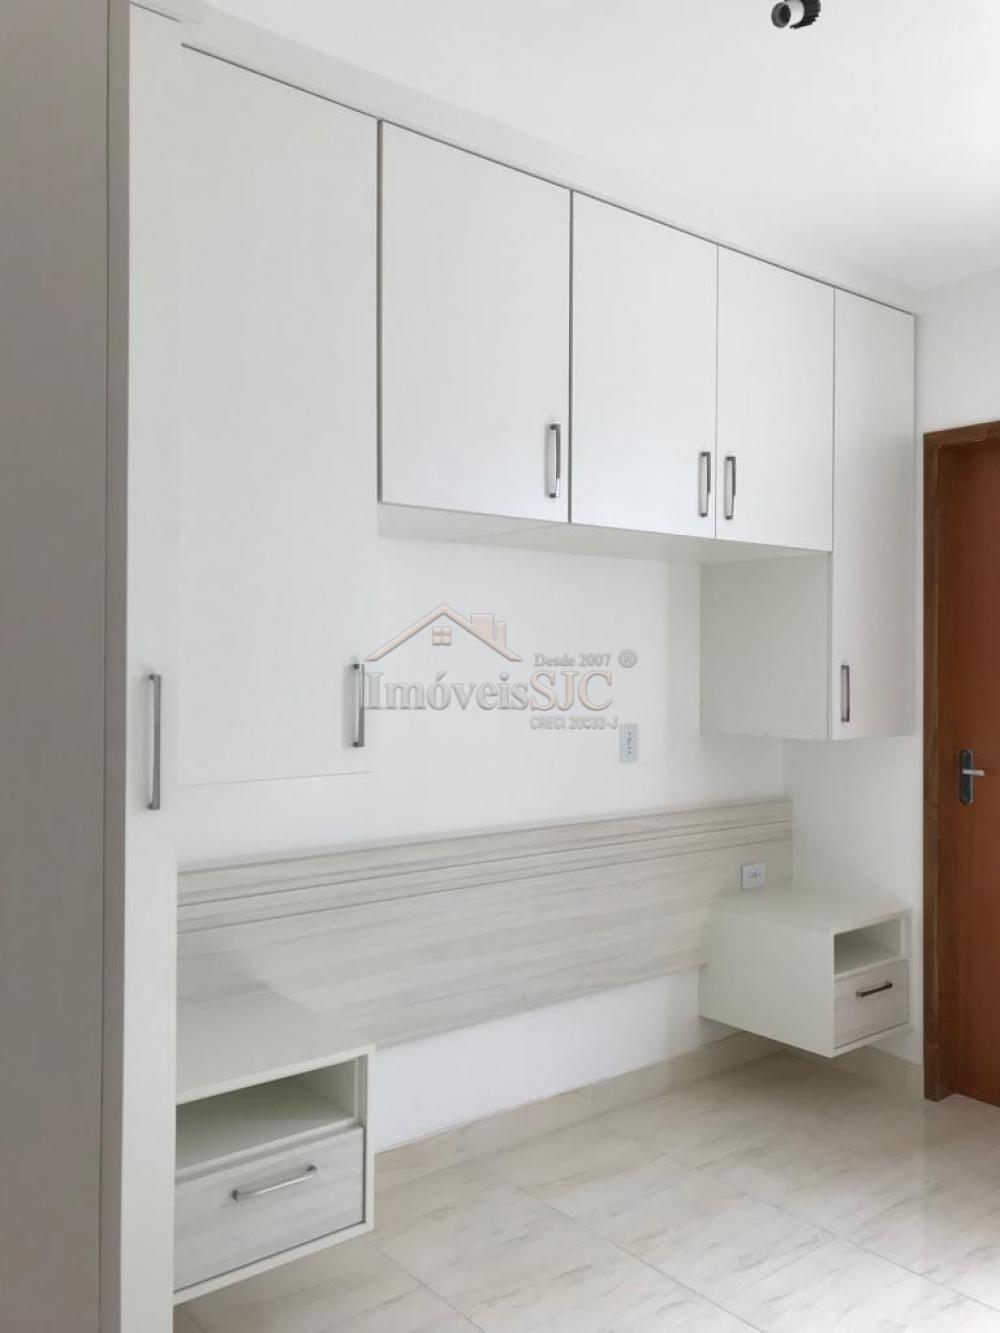 Comprar Casas / Padrão em São José dos Campos apenas R$ 290.000,00 - Foto 12